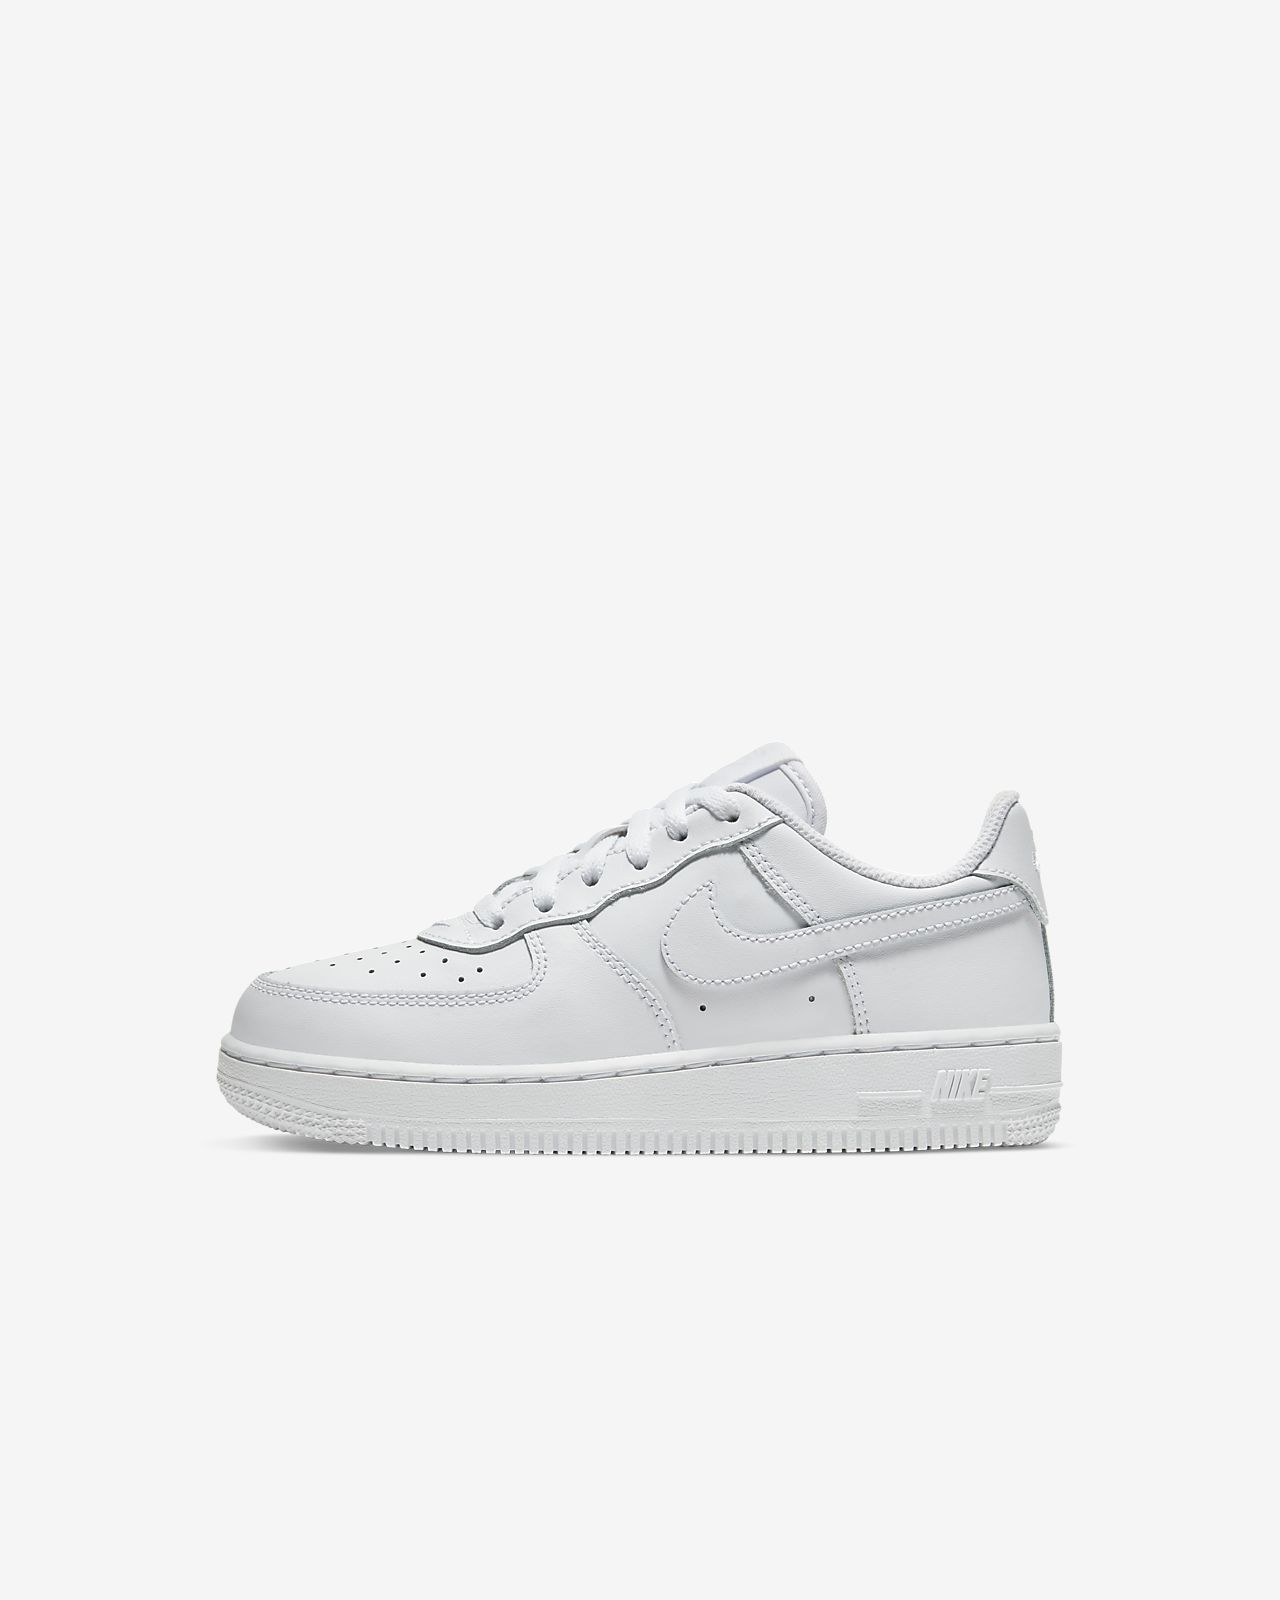 Nike Force 1 Schuh für jüngere Kinder